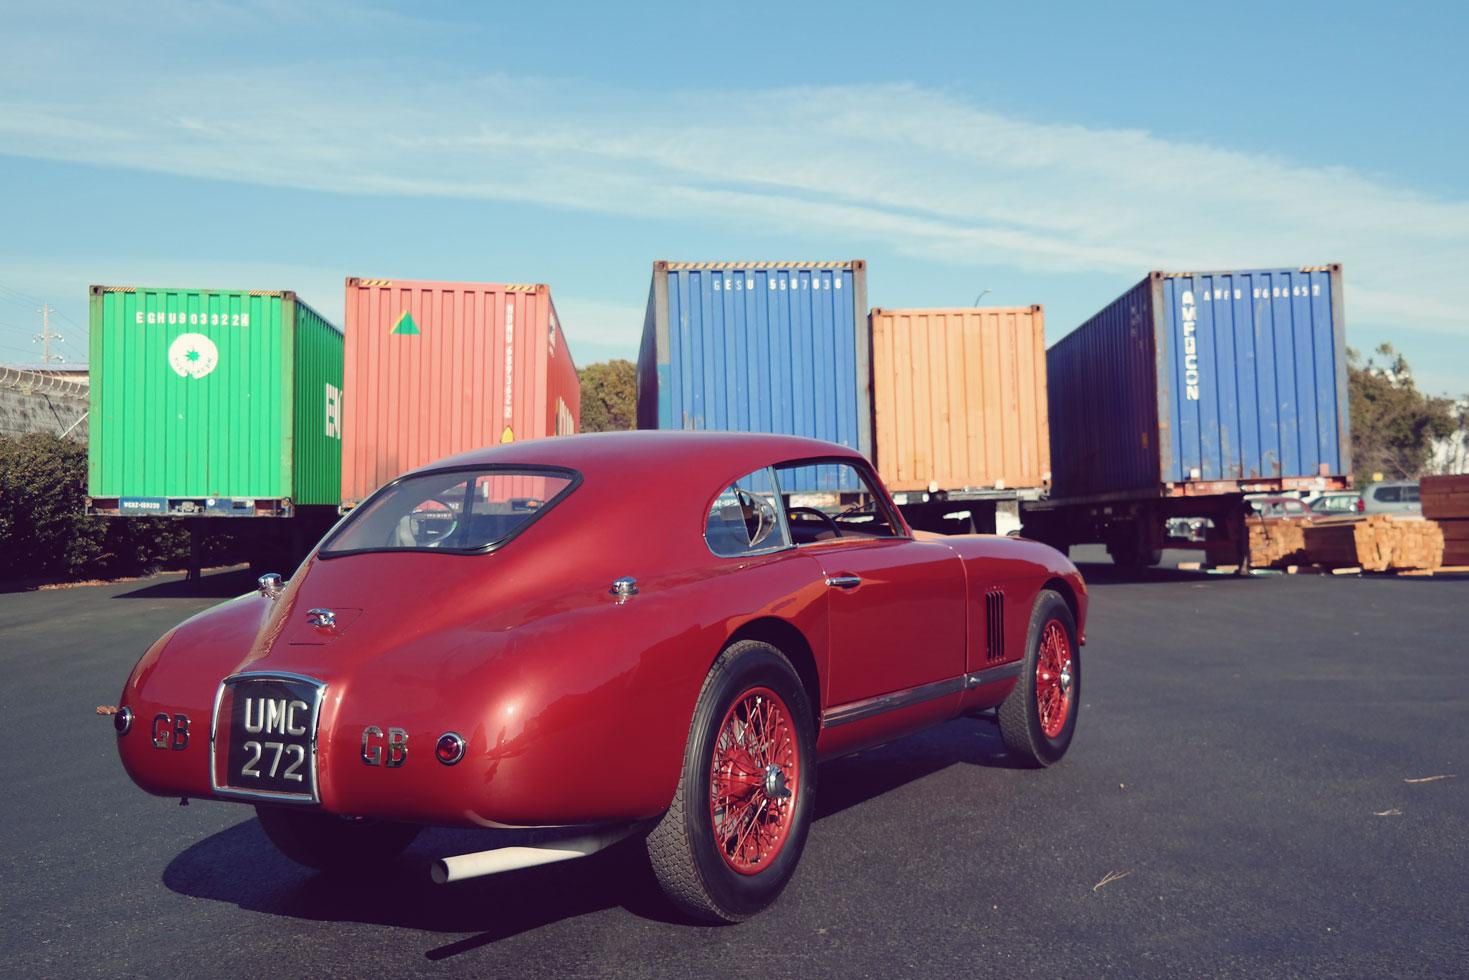 Aston Martin DB2 UMC272 shipping container